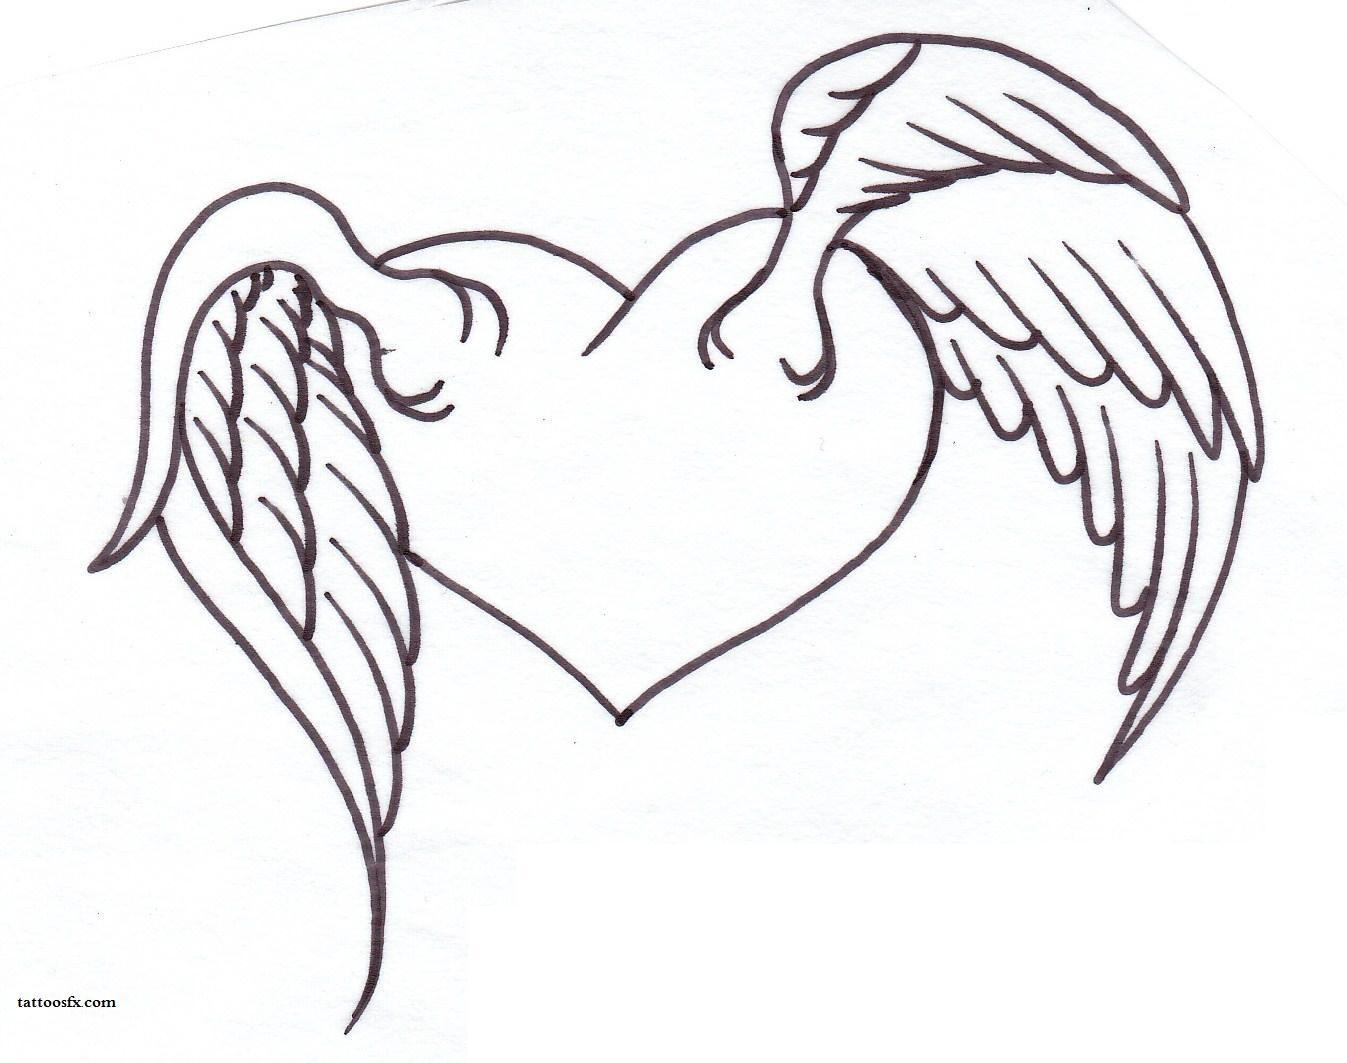 картинки как нарисовать сердце с крыльями красивые вид деятельности